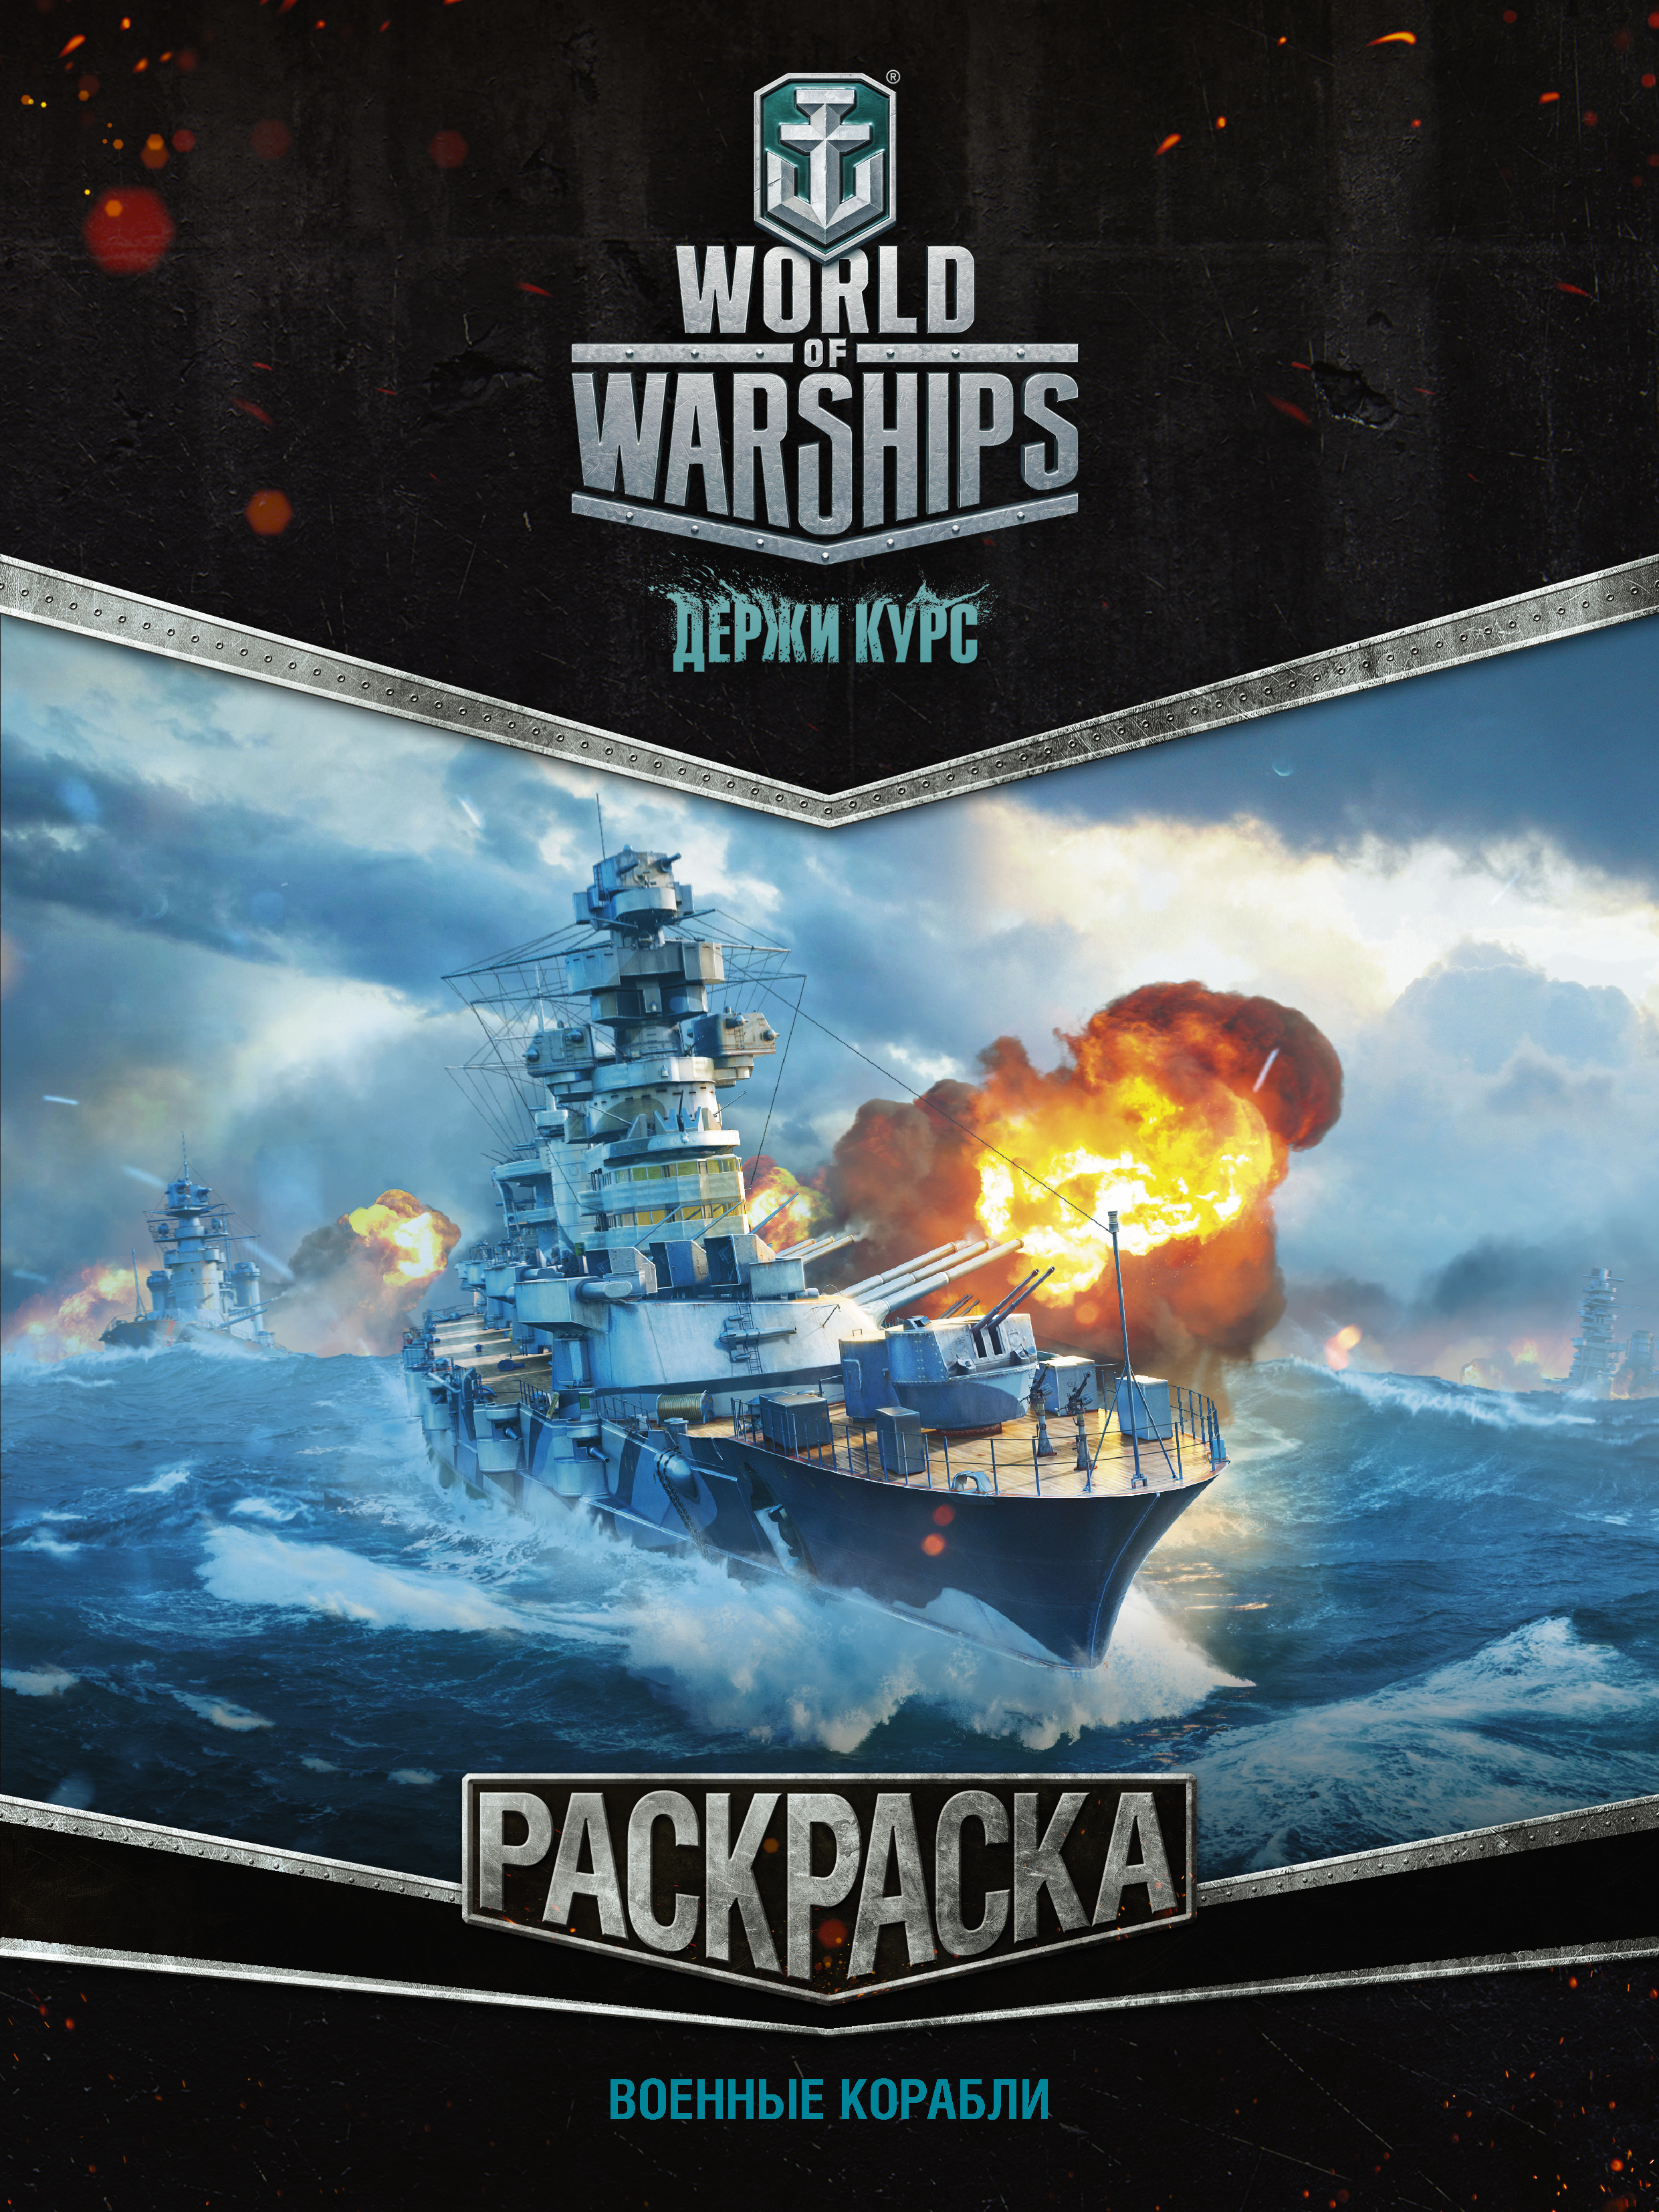 . World of Warships. Раскраска. Военные корабли как избавится от ненужных вещей или продать в игре hands of war онлайн